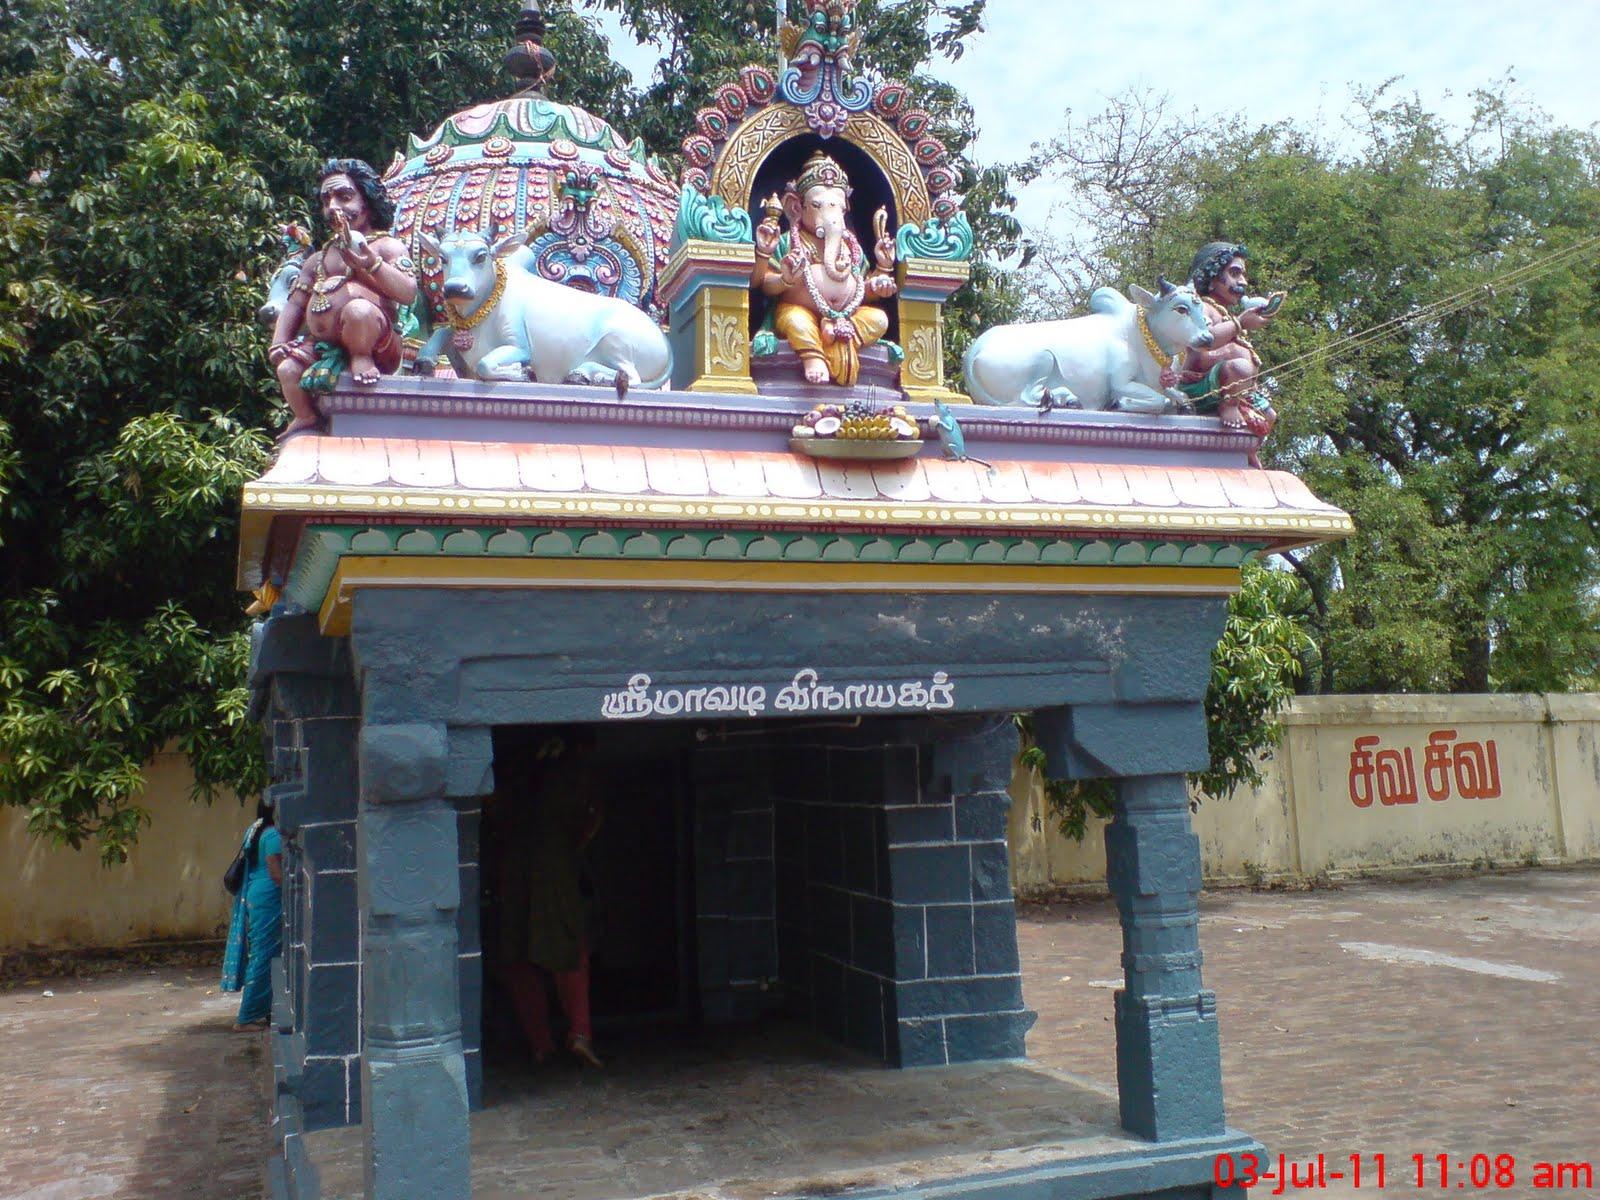 Sri Shivaloka Thyagar Temple, Tirunallur Perumaanam, Sirkazhi - 275 Shiva Temples